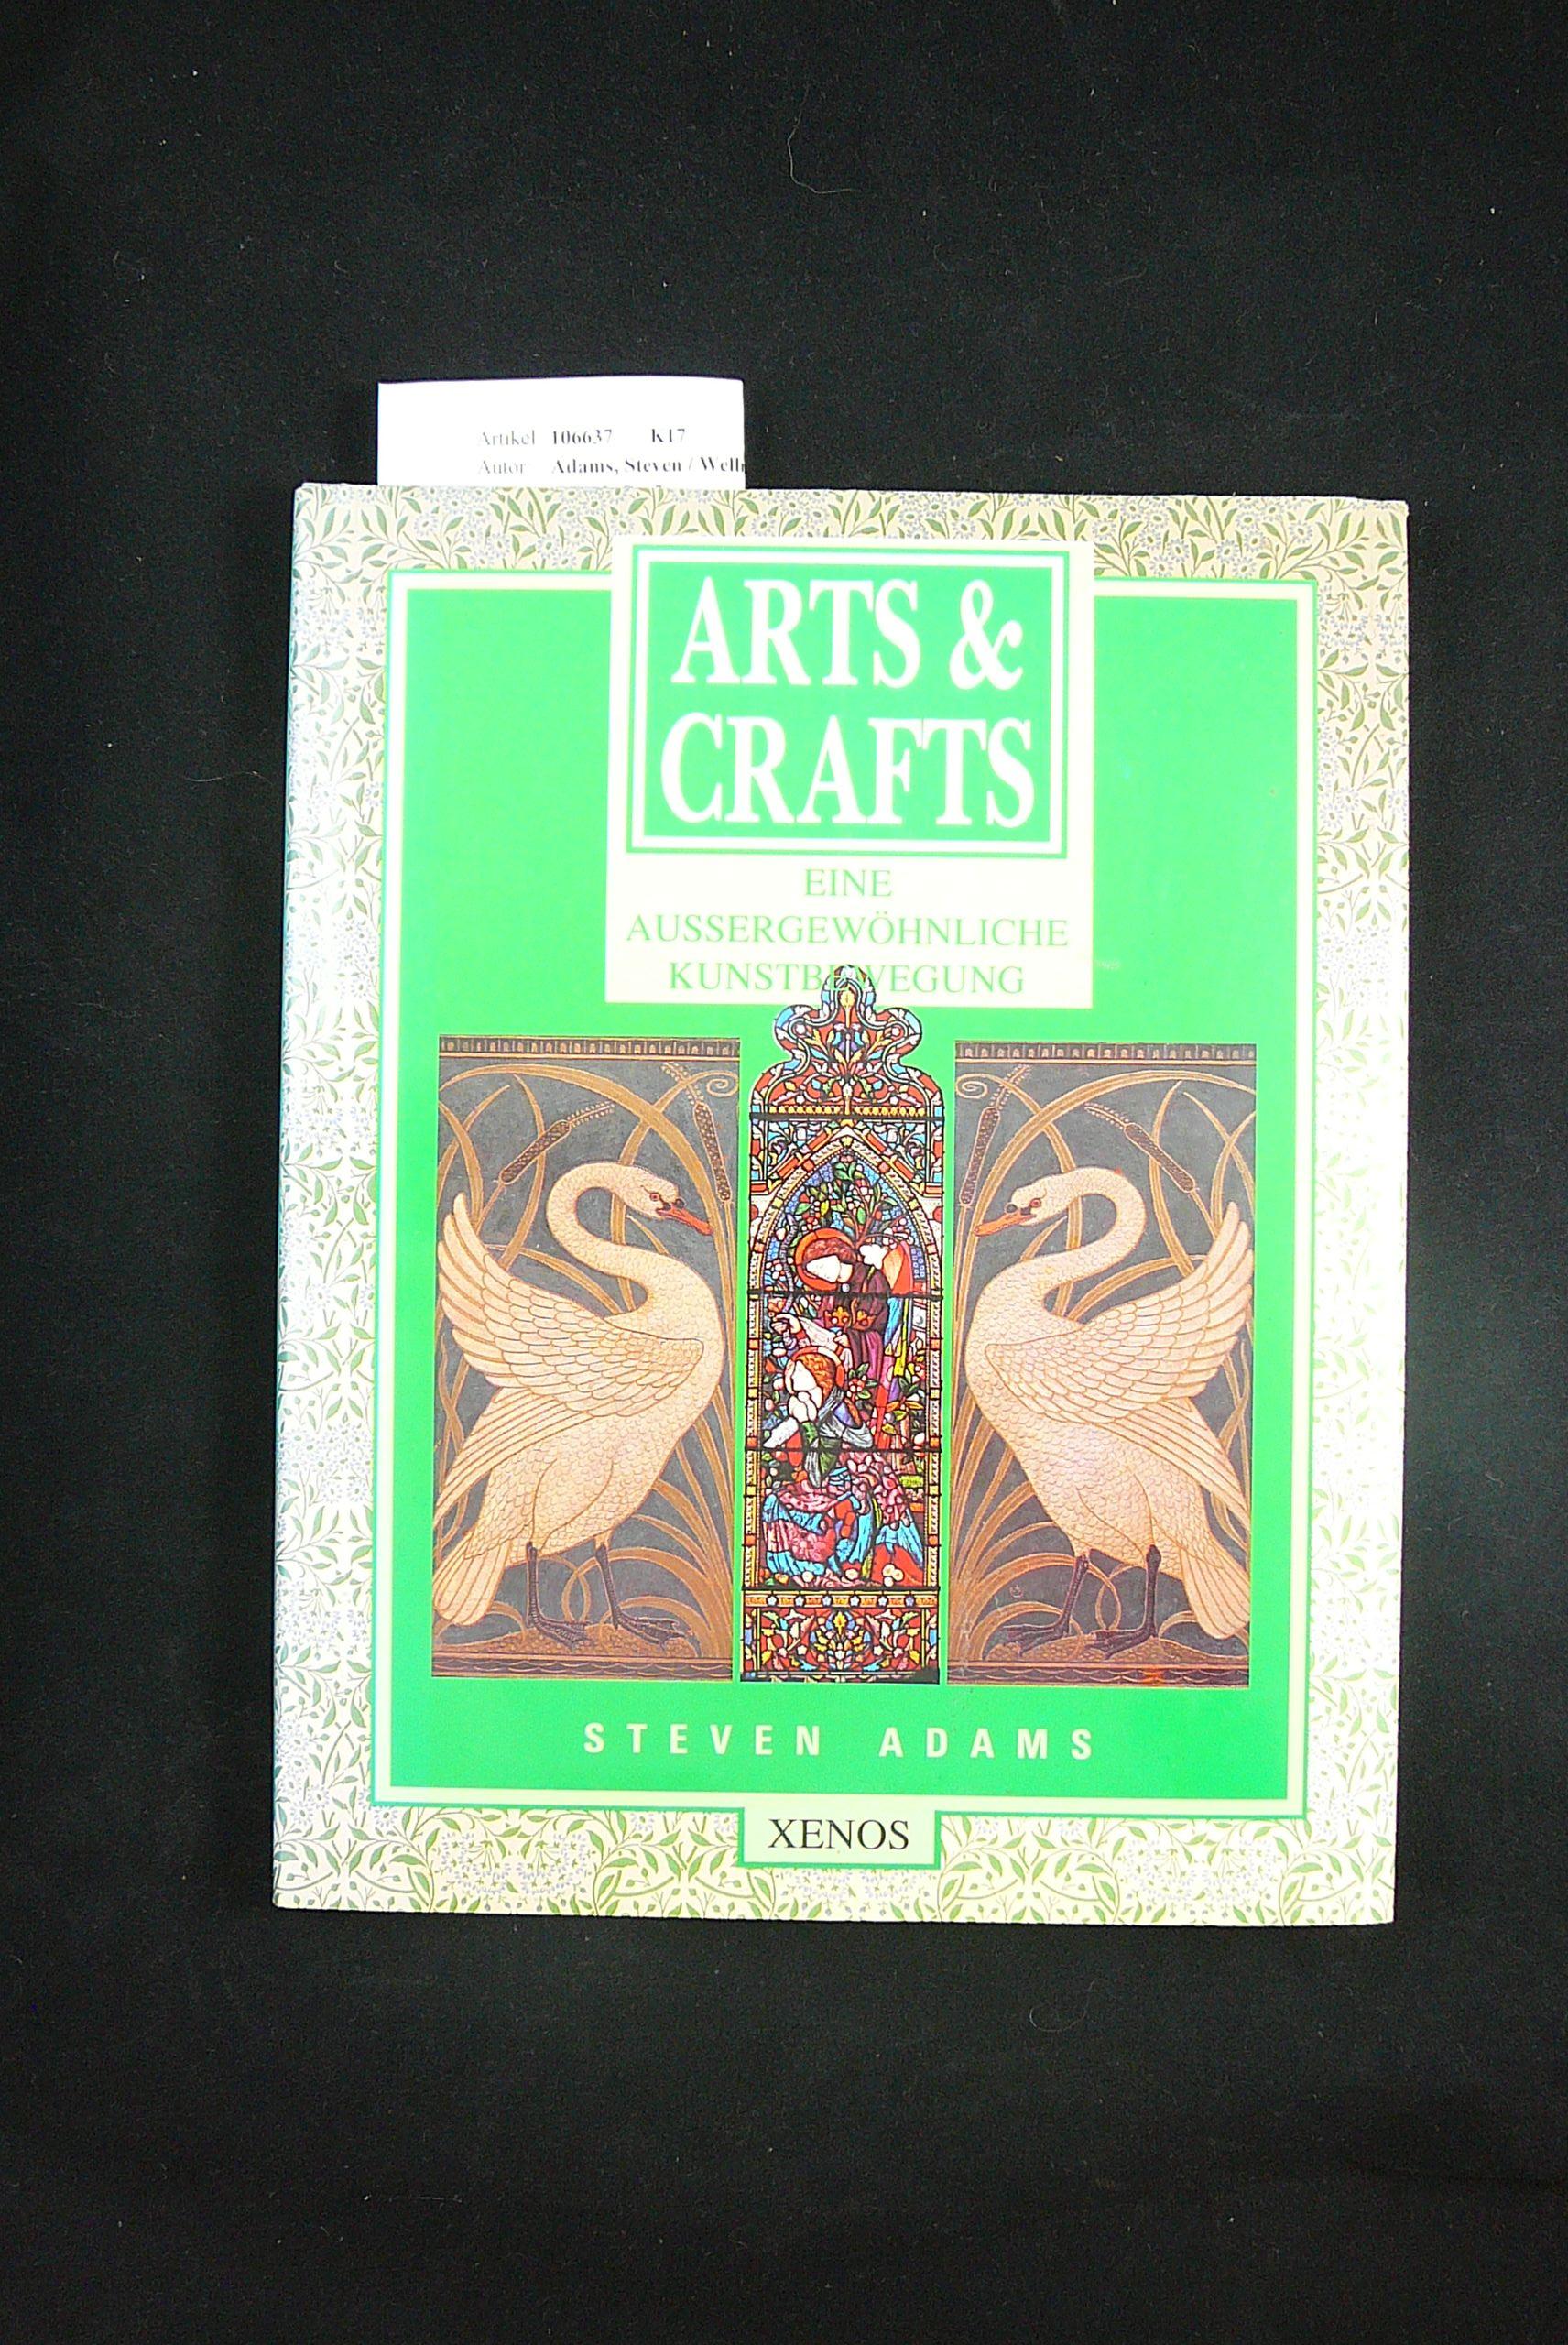 Arts & Crafts. Eine  Aussergewöhnliche Kunstbewegung. o.A.